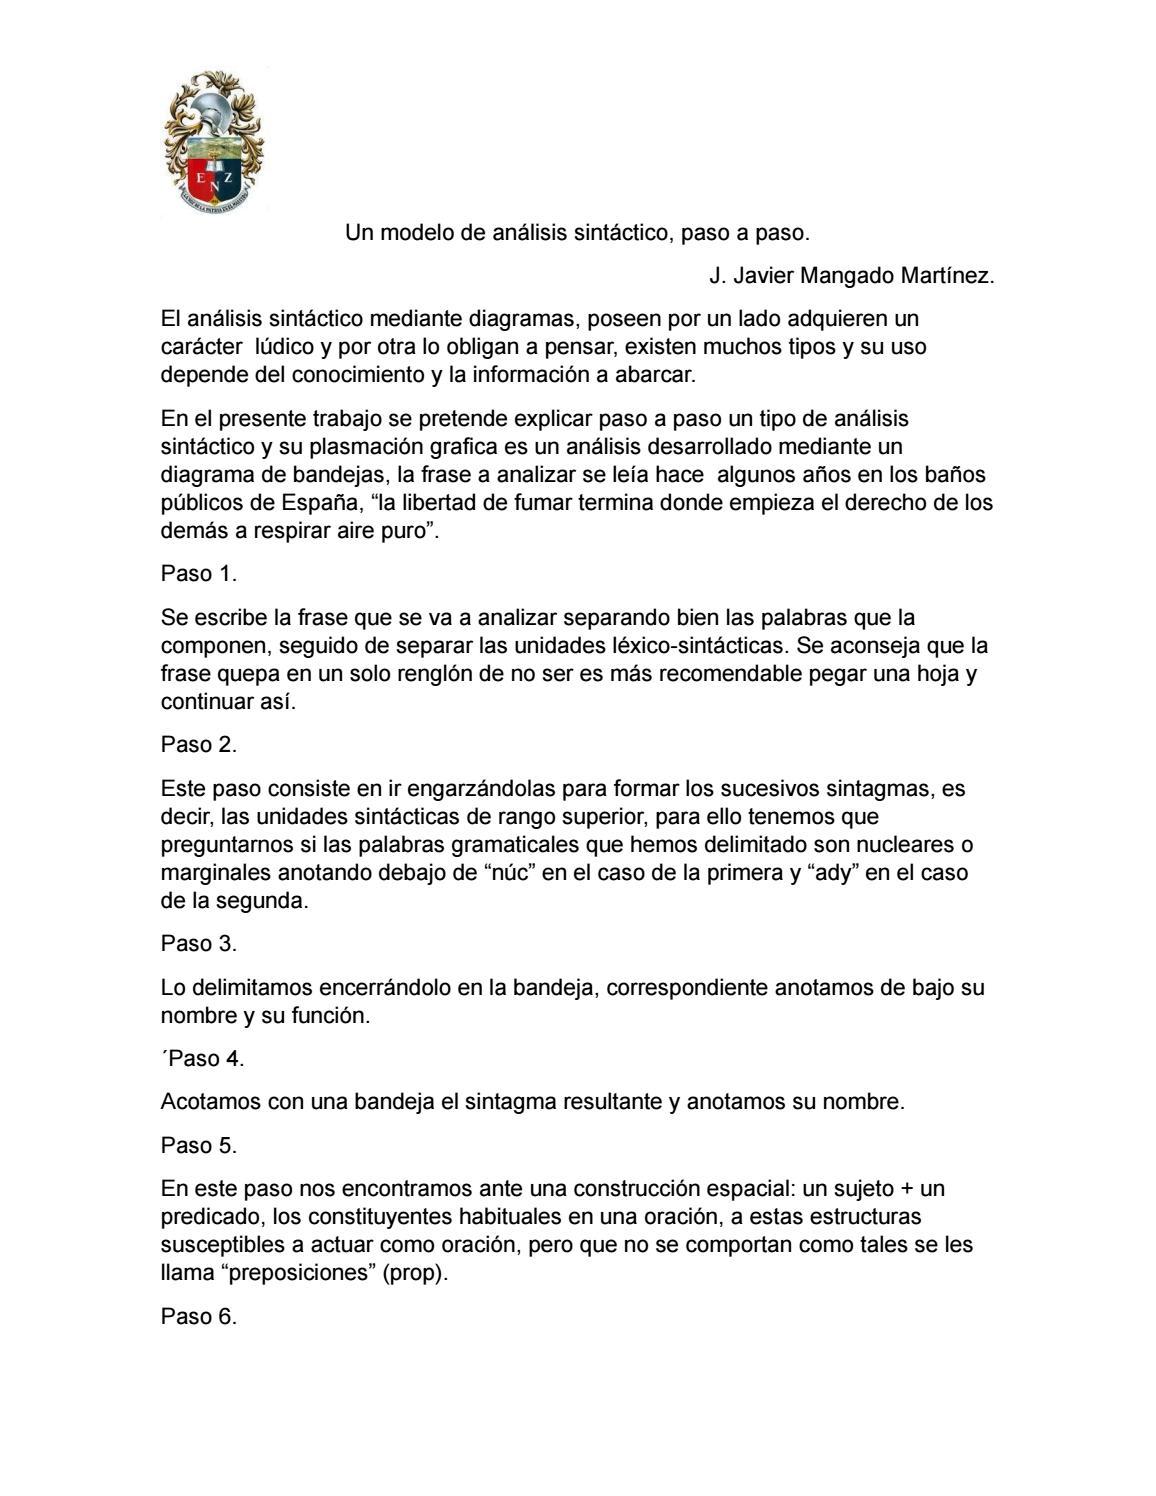 Un Modelo De Analisis Sintactico By Montsse Perez Issuu